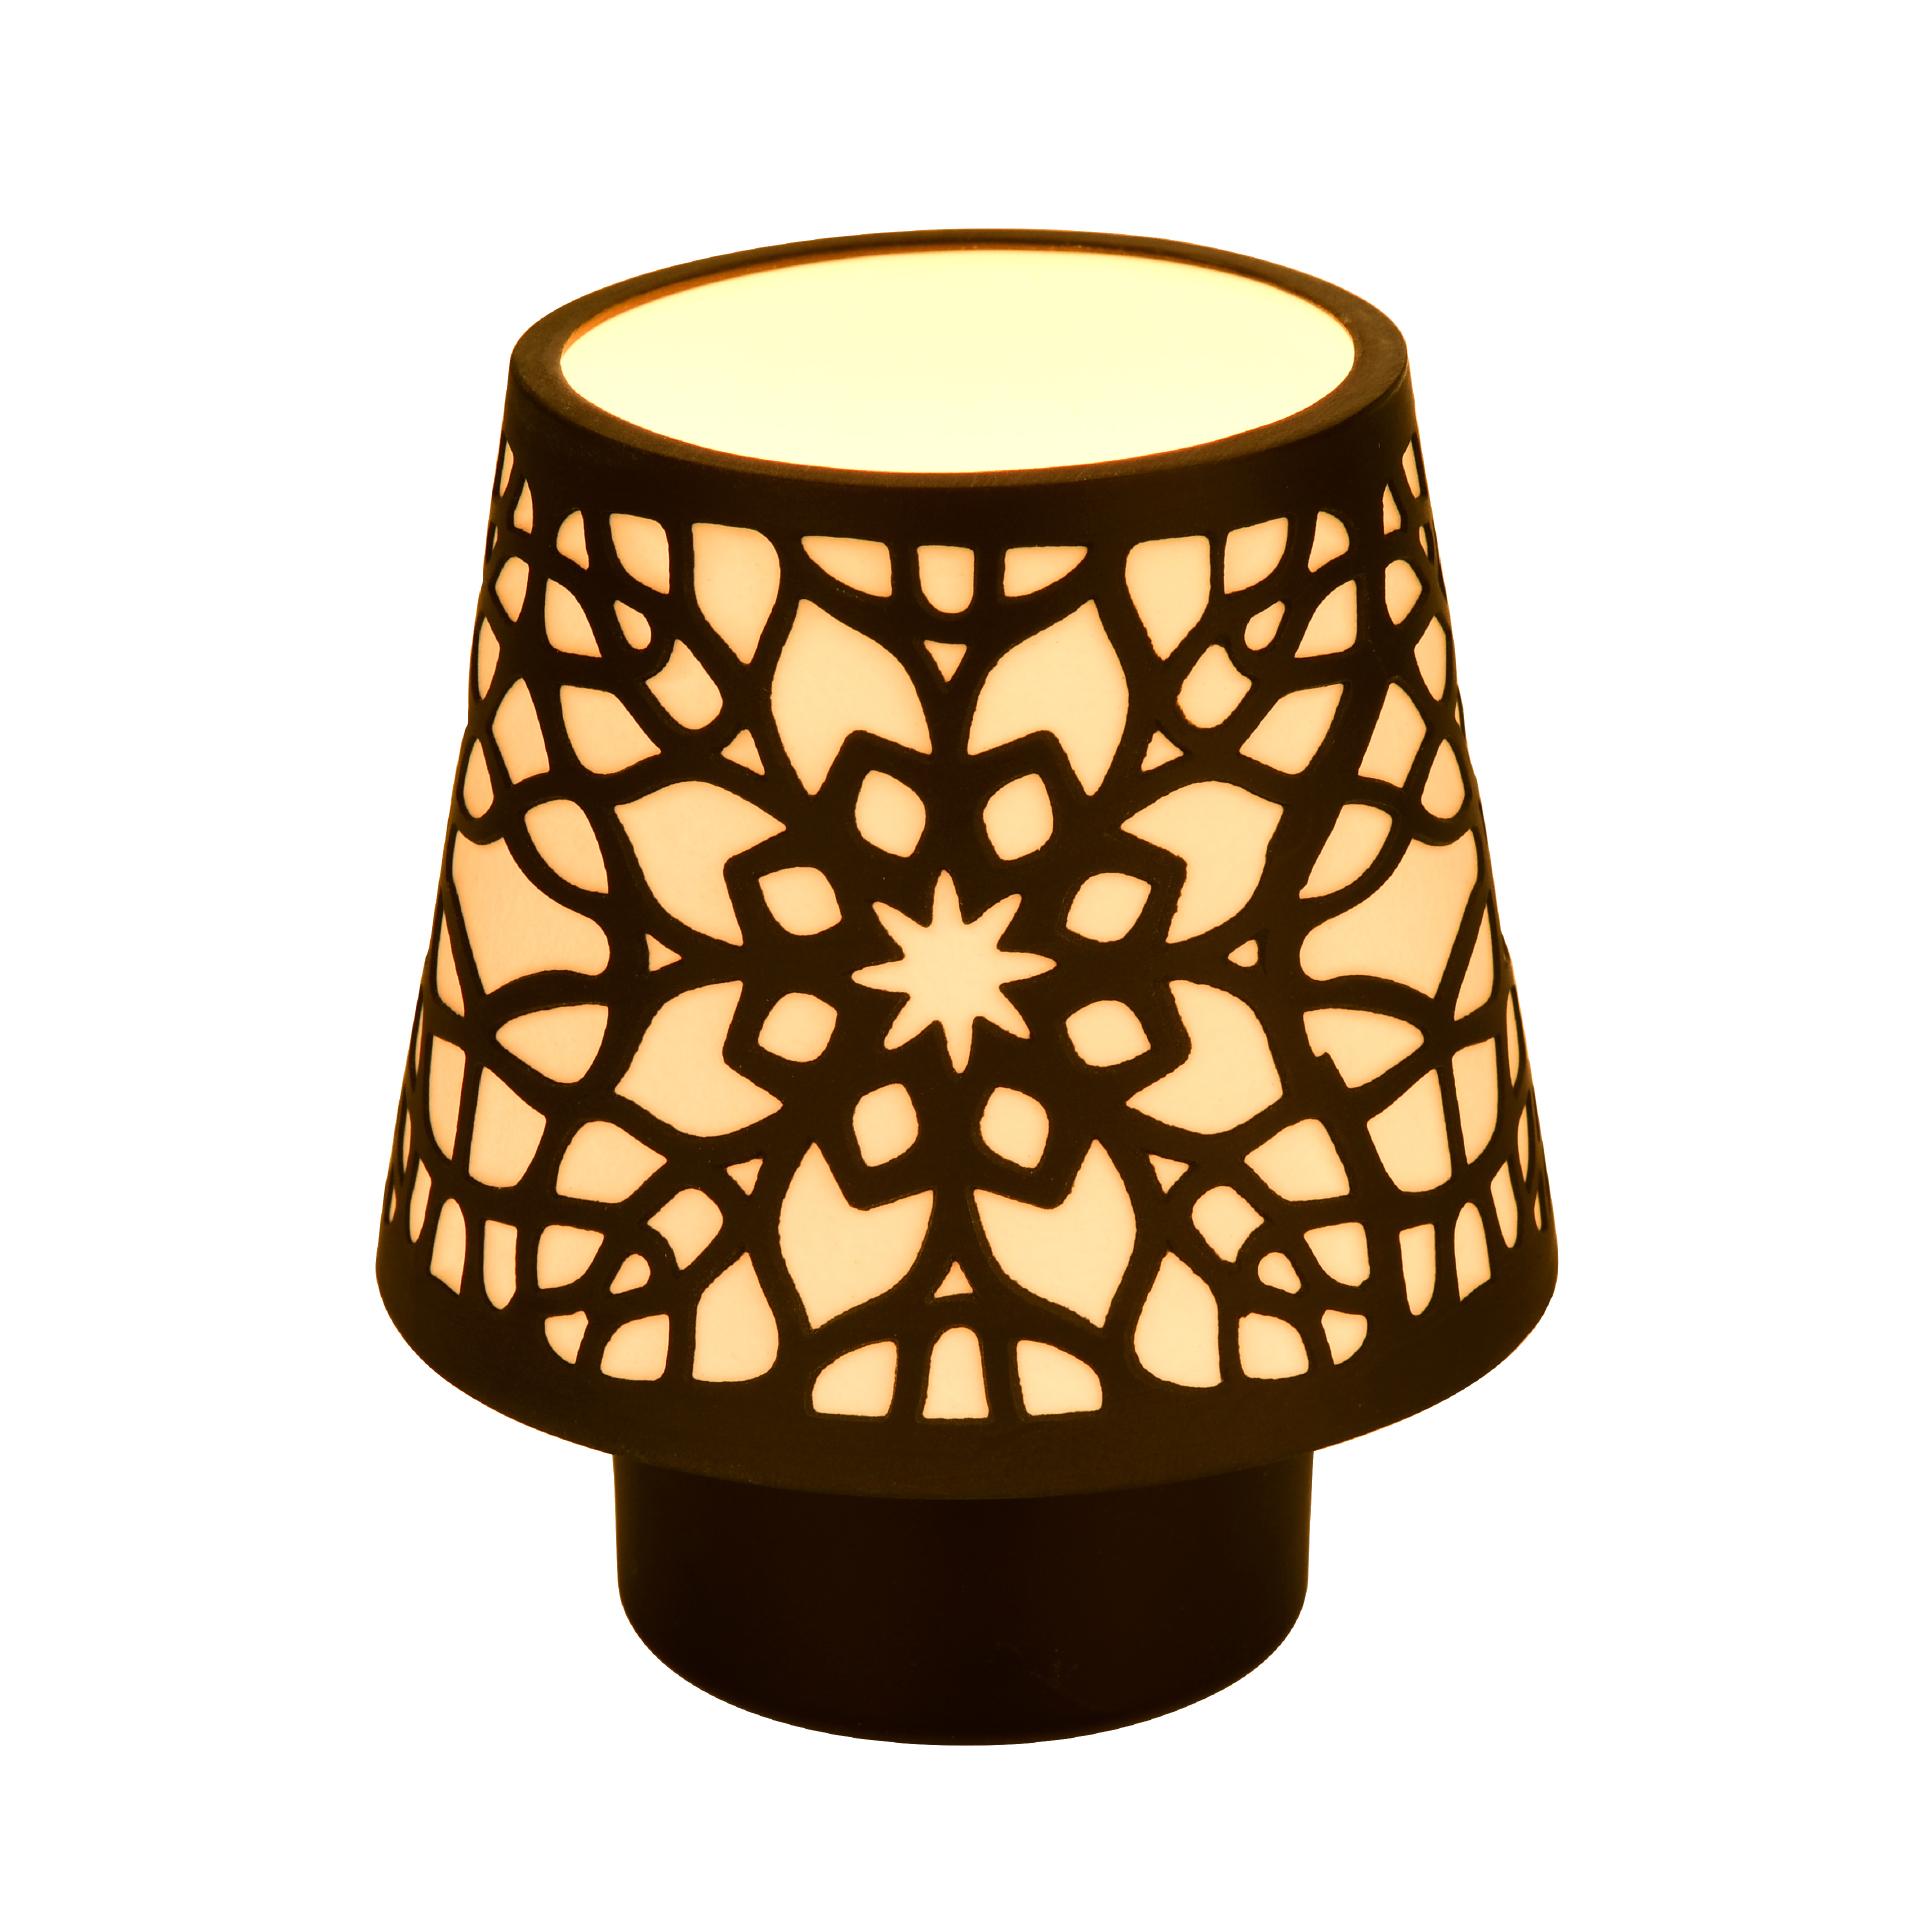 陶瓷燭台 PP17039B